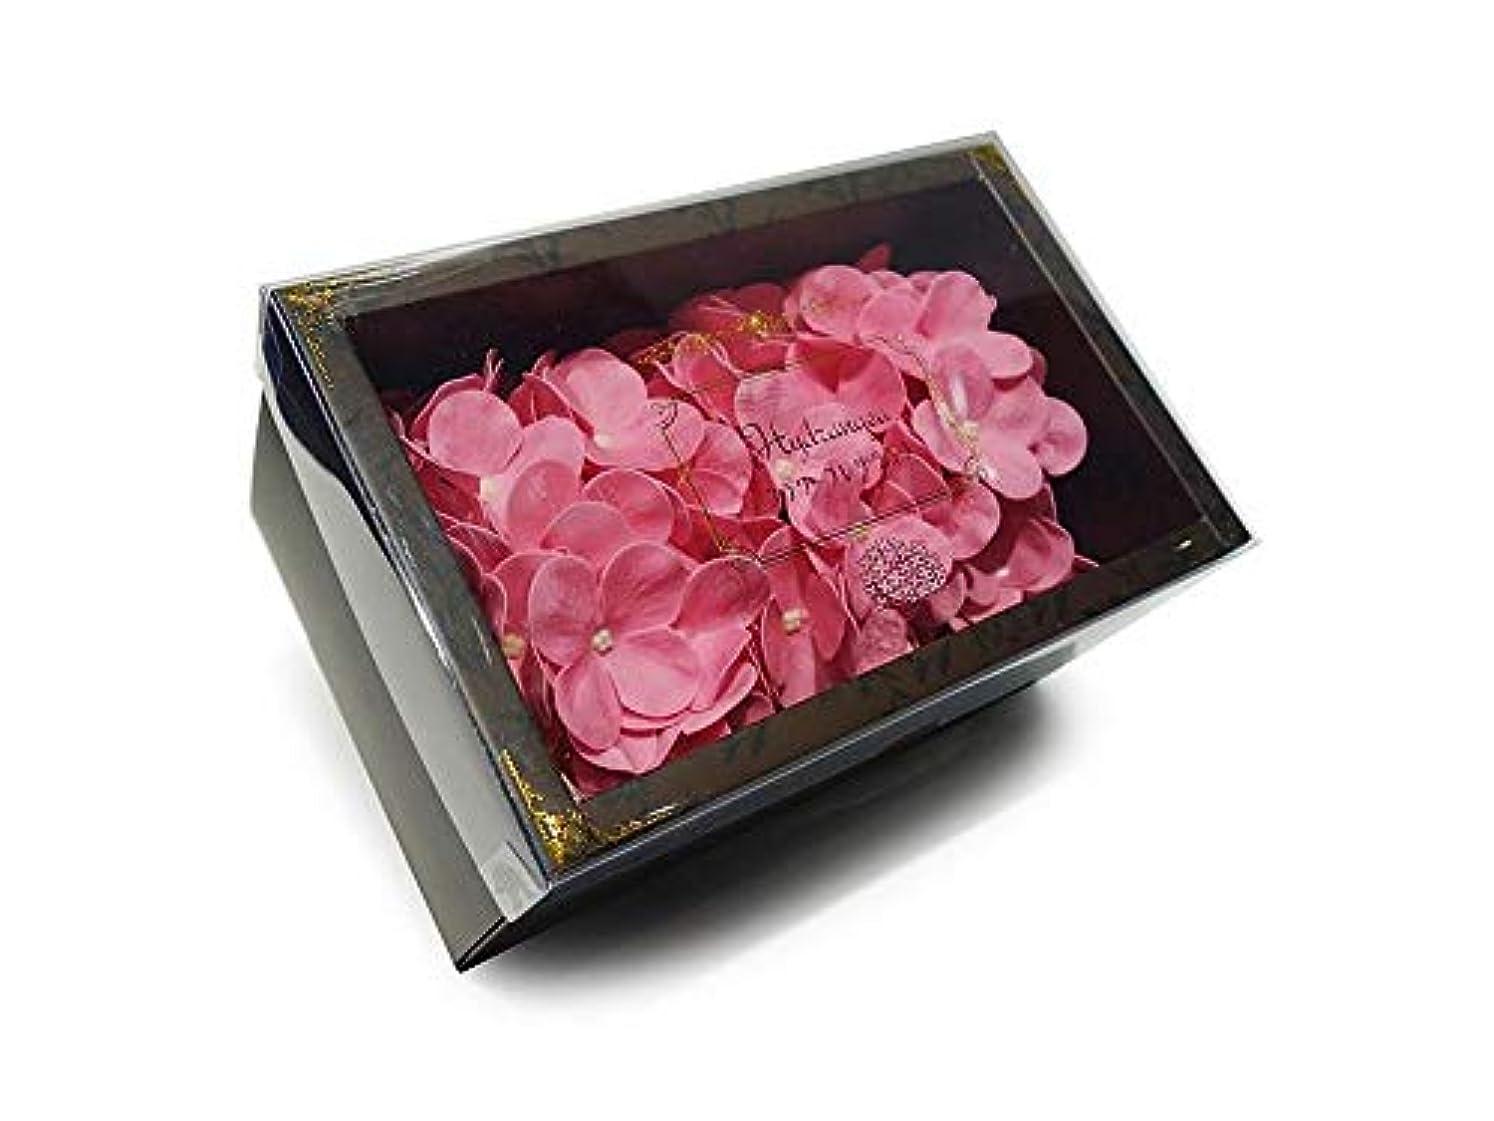 運動経済的金属花のカタチの入浴剤 アジサイ バスフレグランス フラワーフレグランス バスフラワー (ピンク)